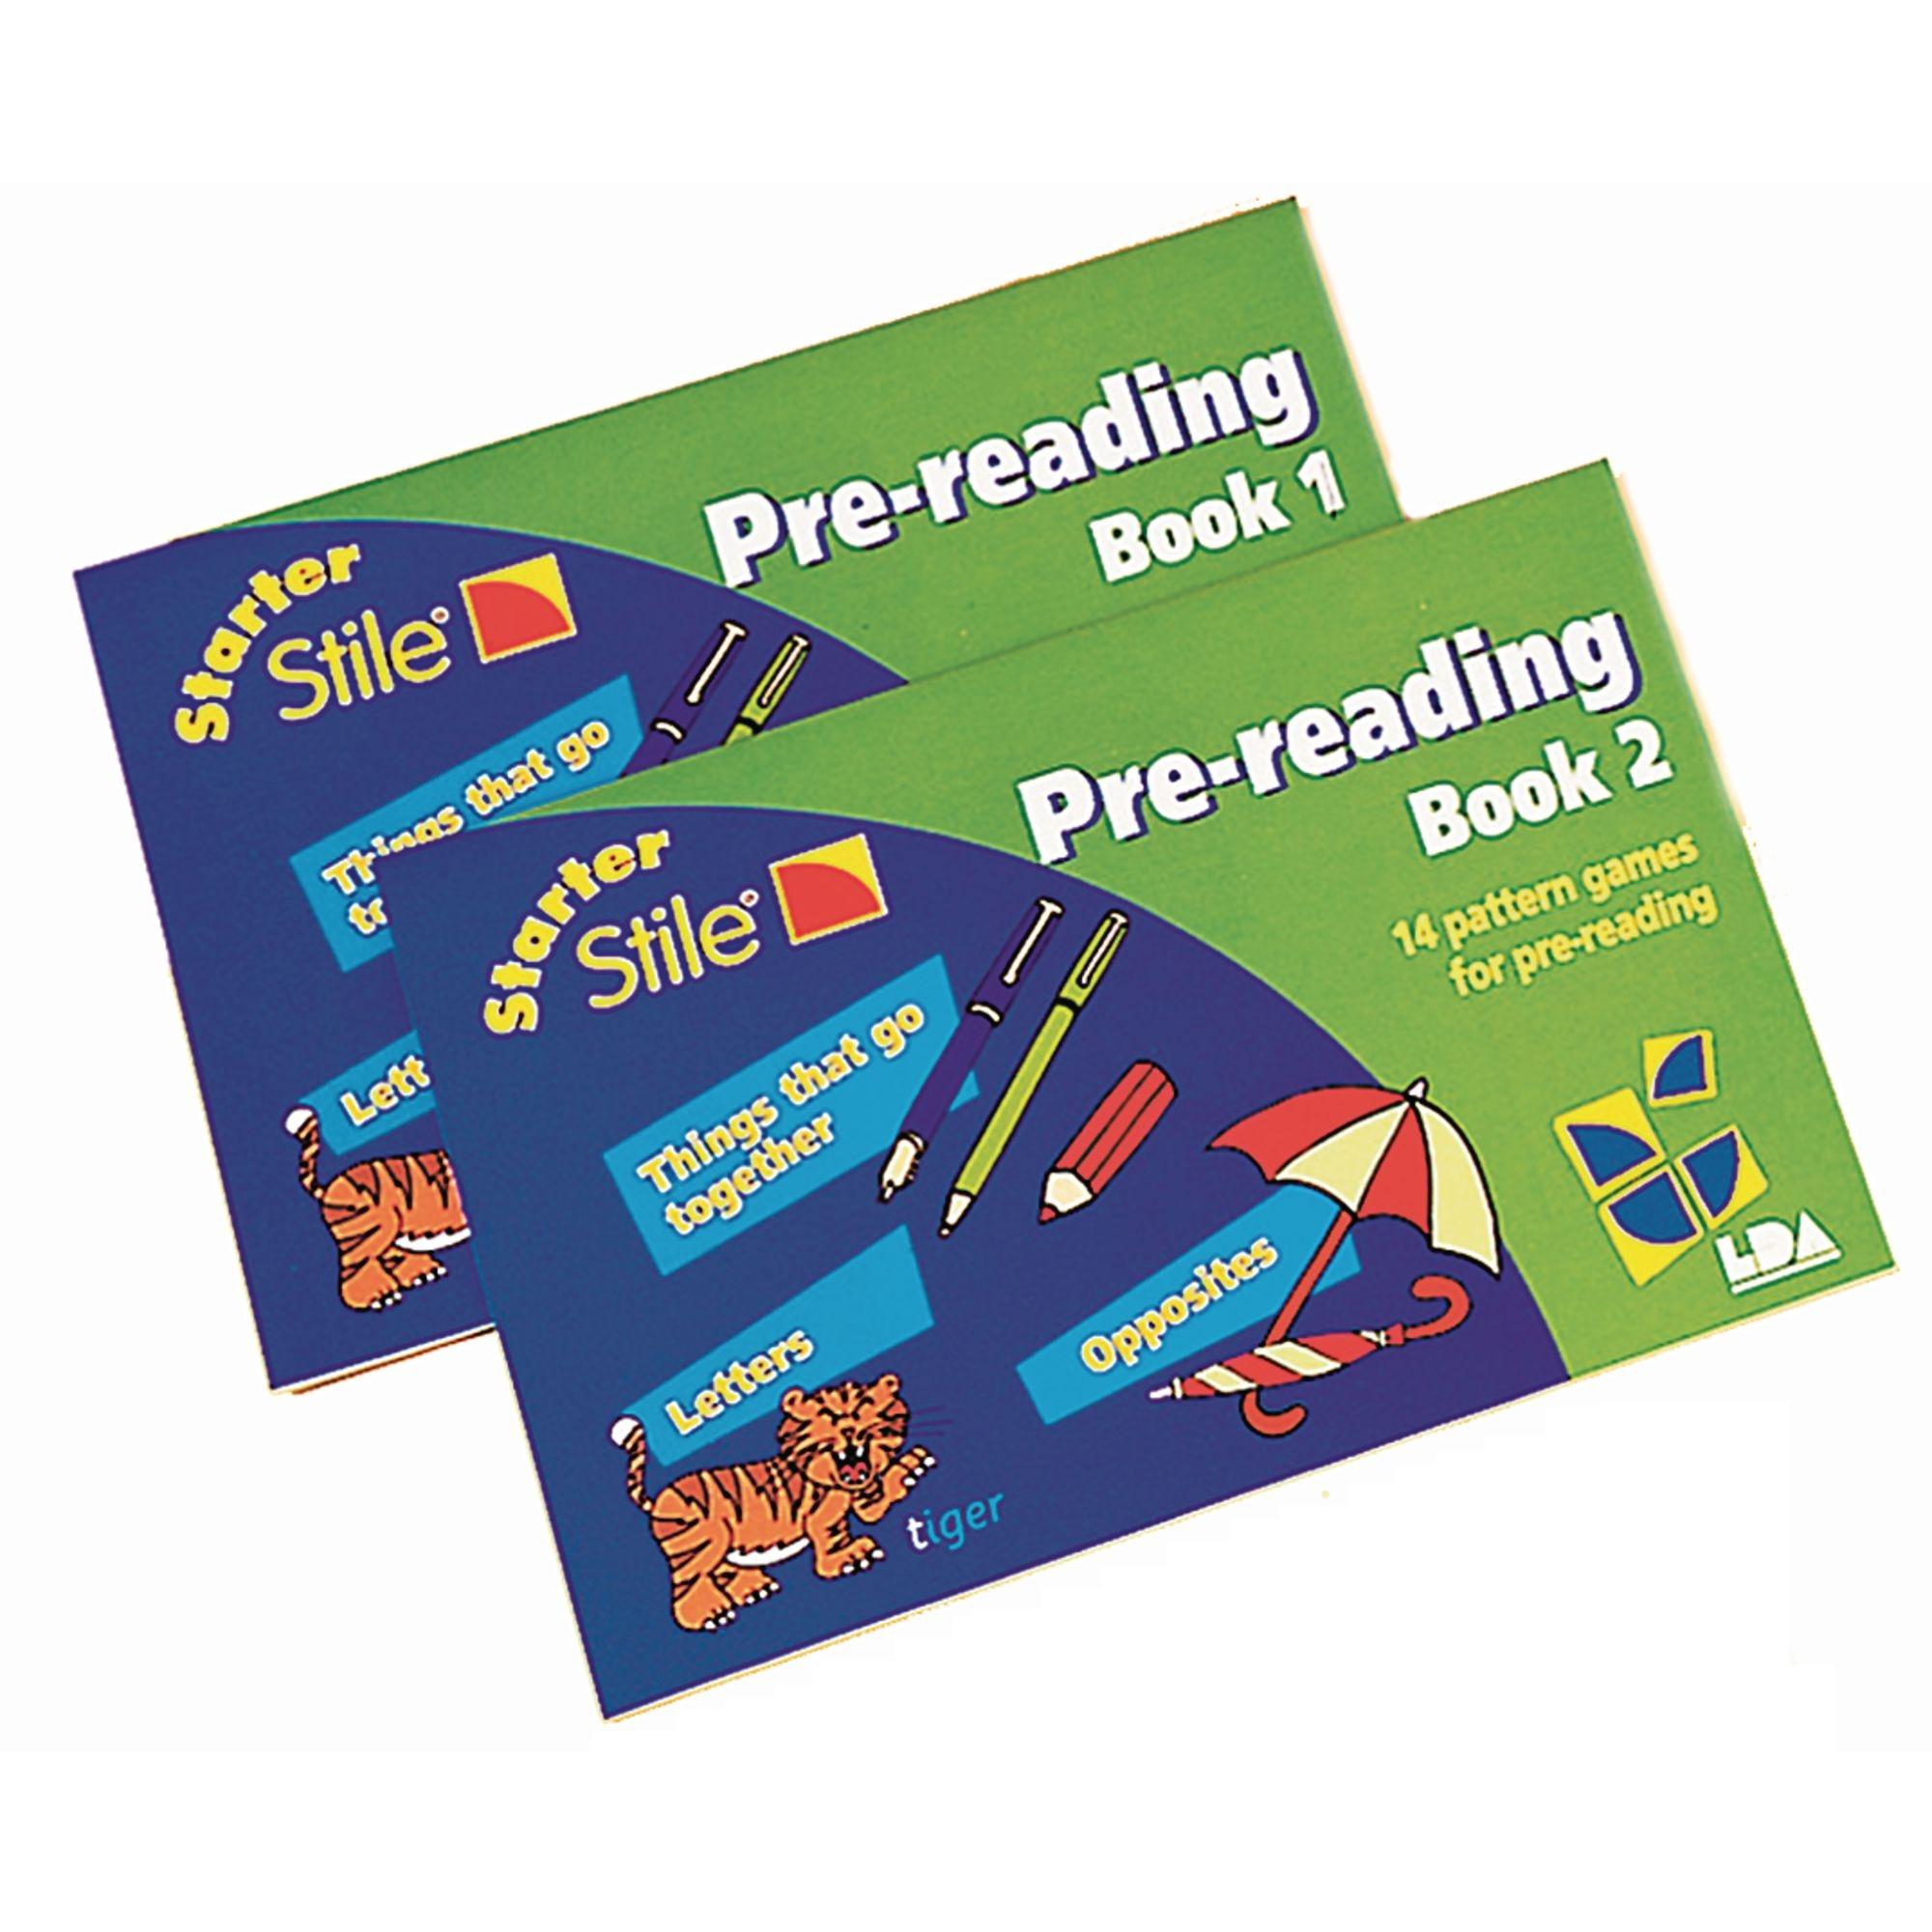 Starter Stile Pre Reading Books